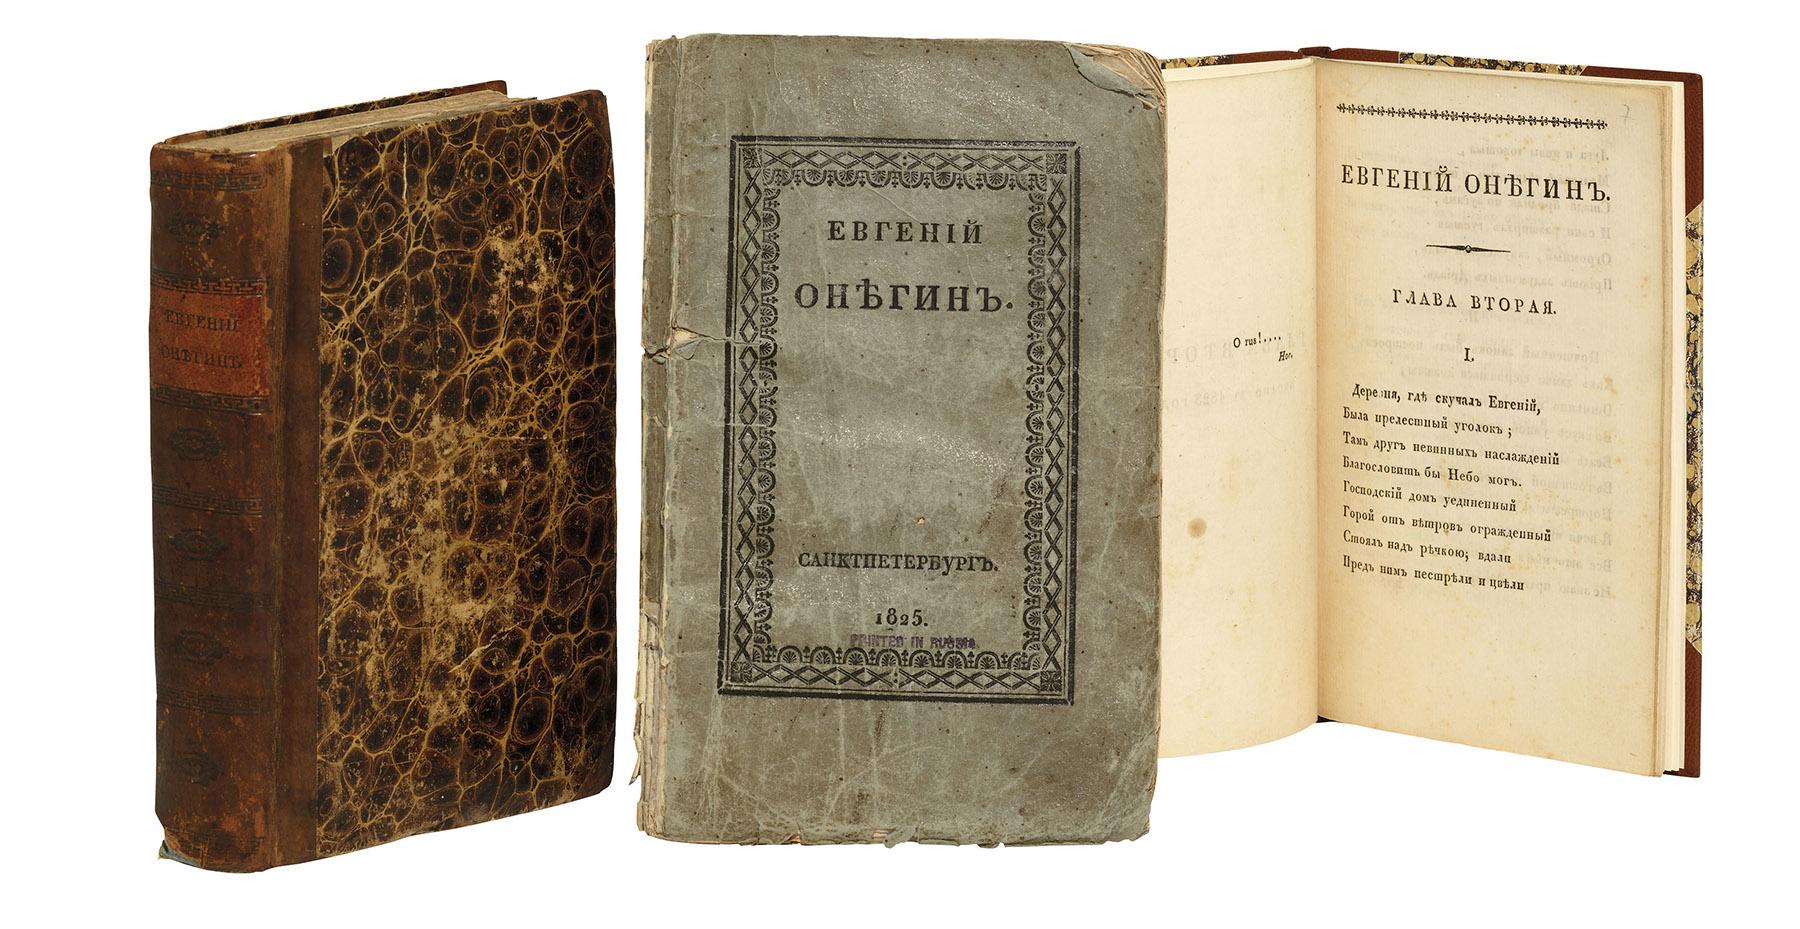 Библиографическая редкость в кожаном переплете. Источник: christies.com